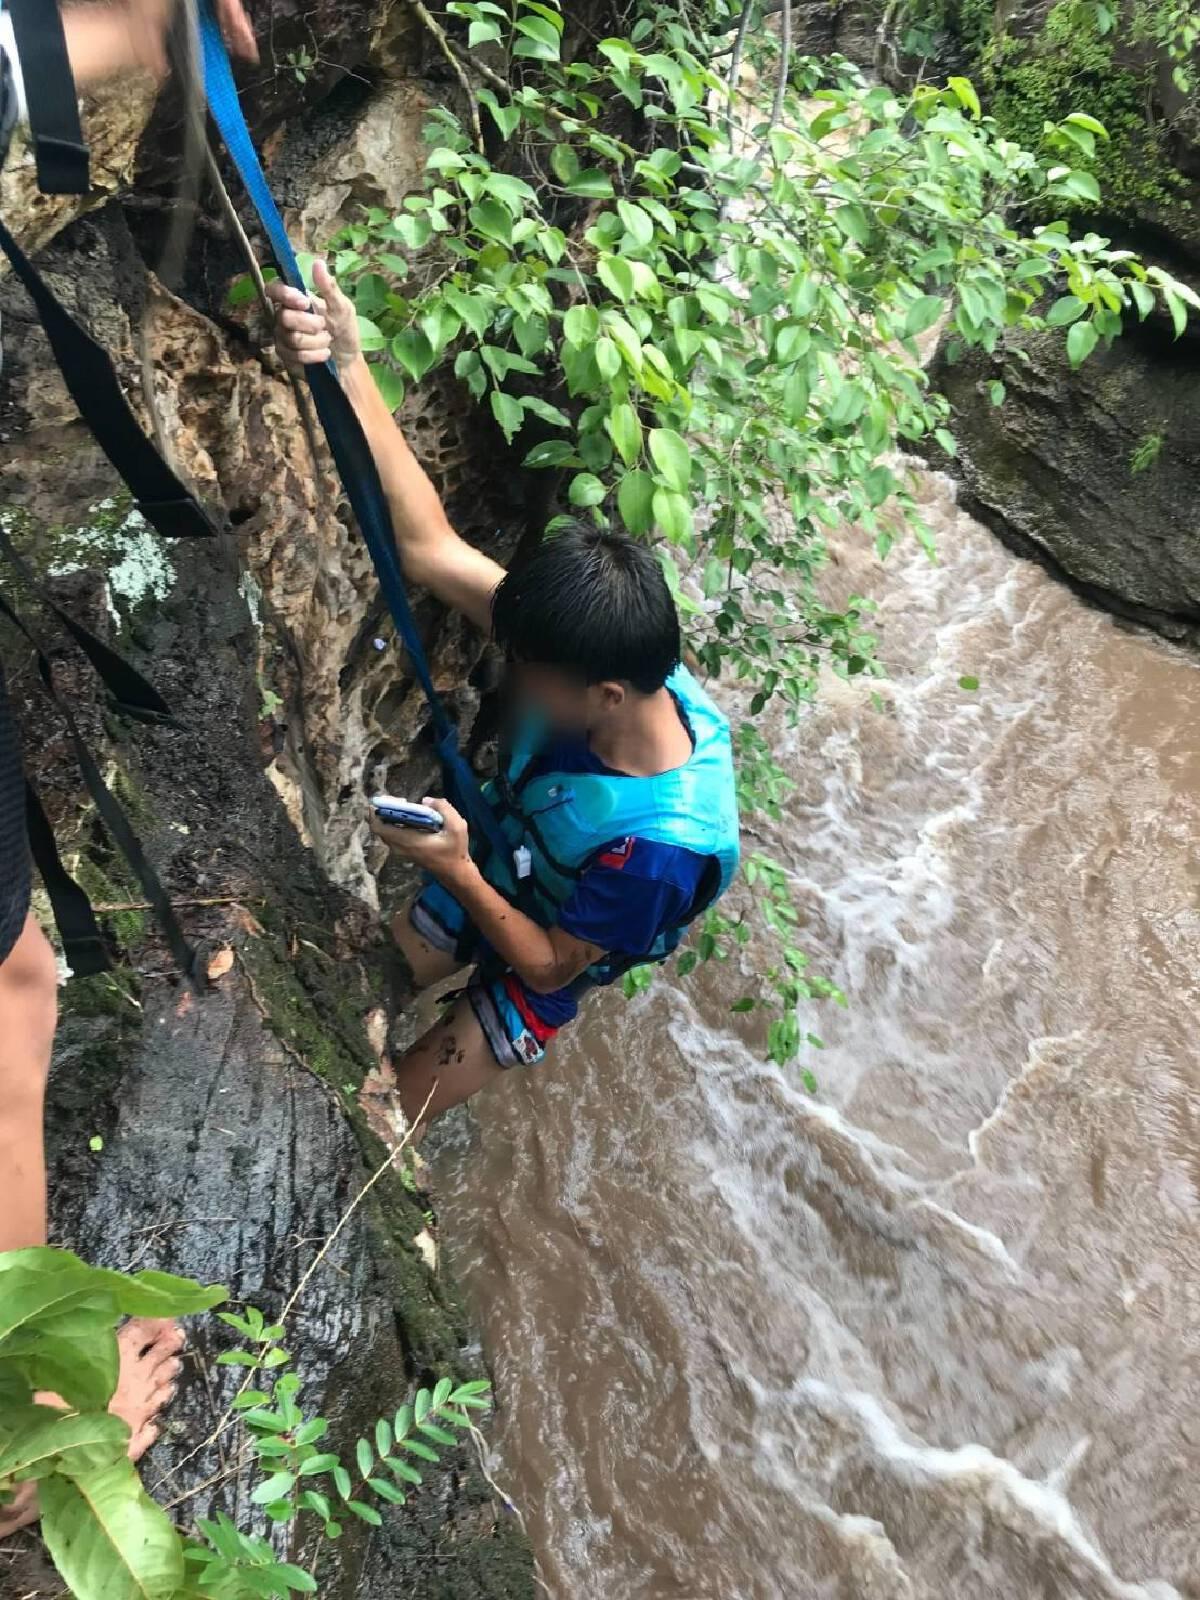 """ลุ้นกู้ภัยช่วยเด็ก 3 ชีวิต ติด""""น้ำป่า""""ภูพานใน""""น้ำตก""""ผาลี่ จ.กาฬสินธุ์"""